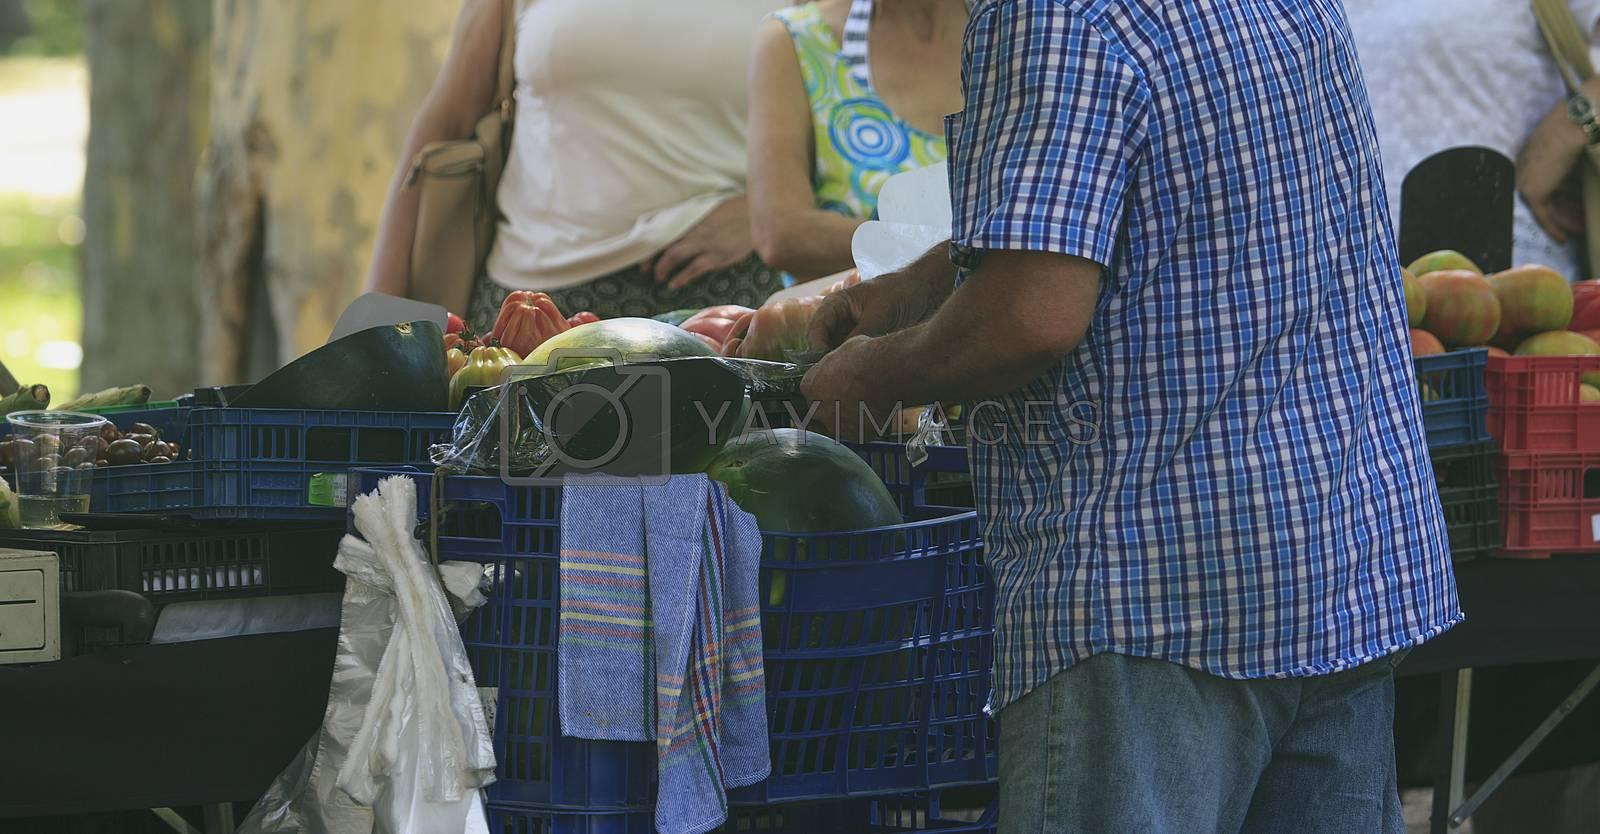 Fruit market in a street of Barcelona